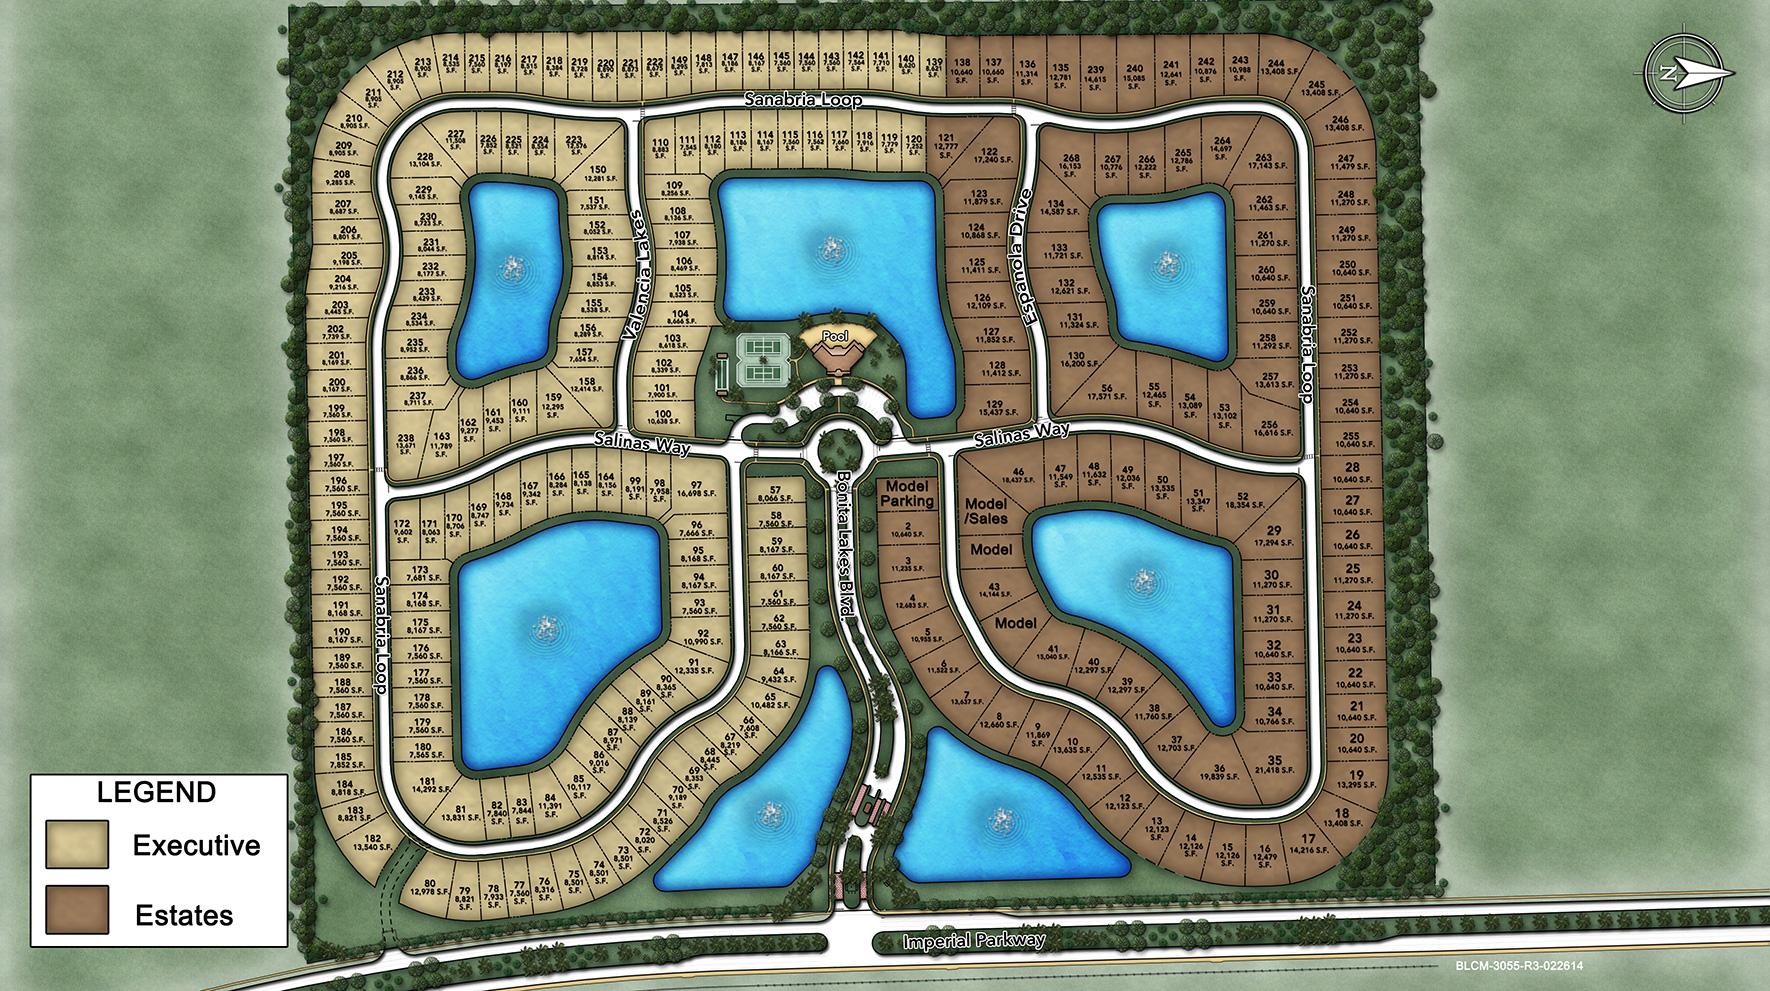 Bonita Lakes Site Plan